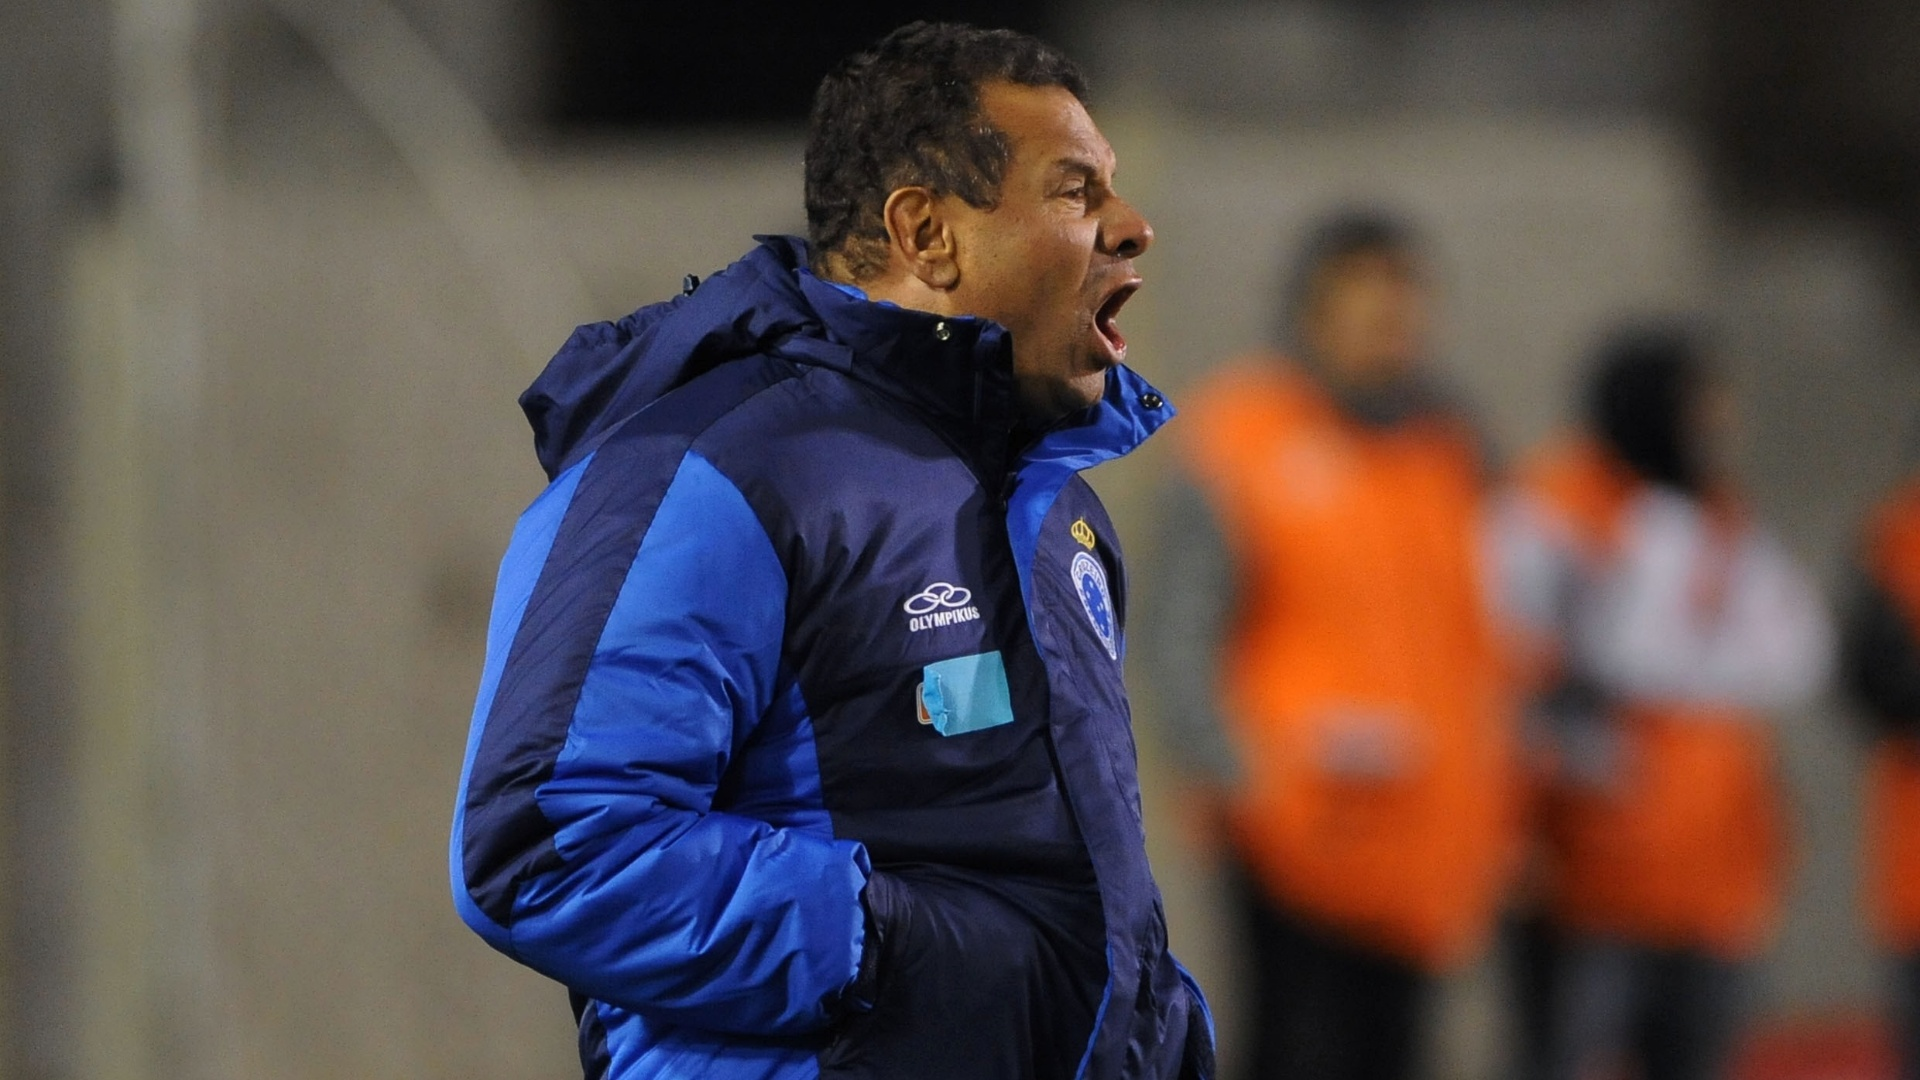 Treinador do Cruzeiro, Celso Roth se irrita com o time no segundo tempo da partida contra o Internacional